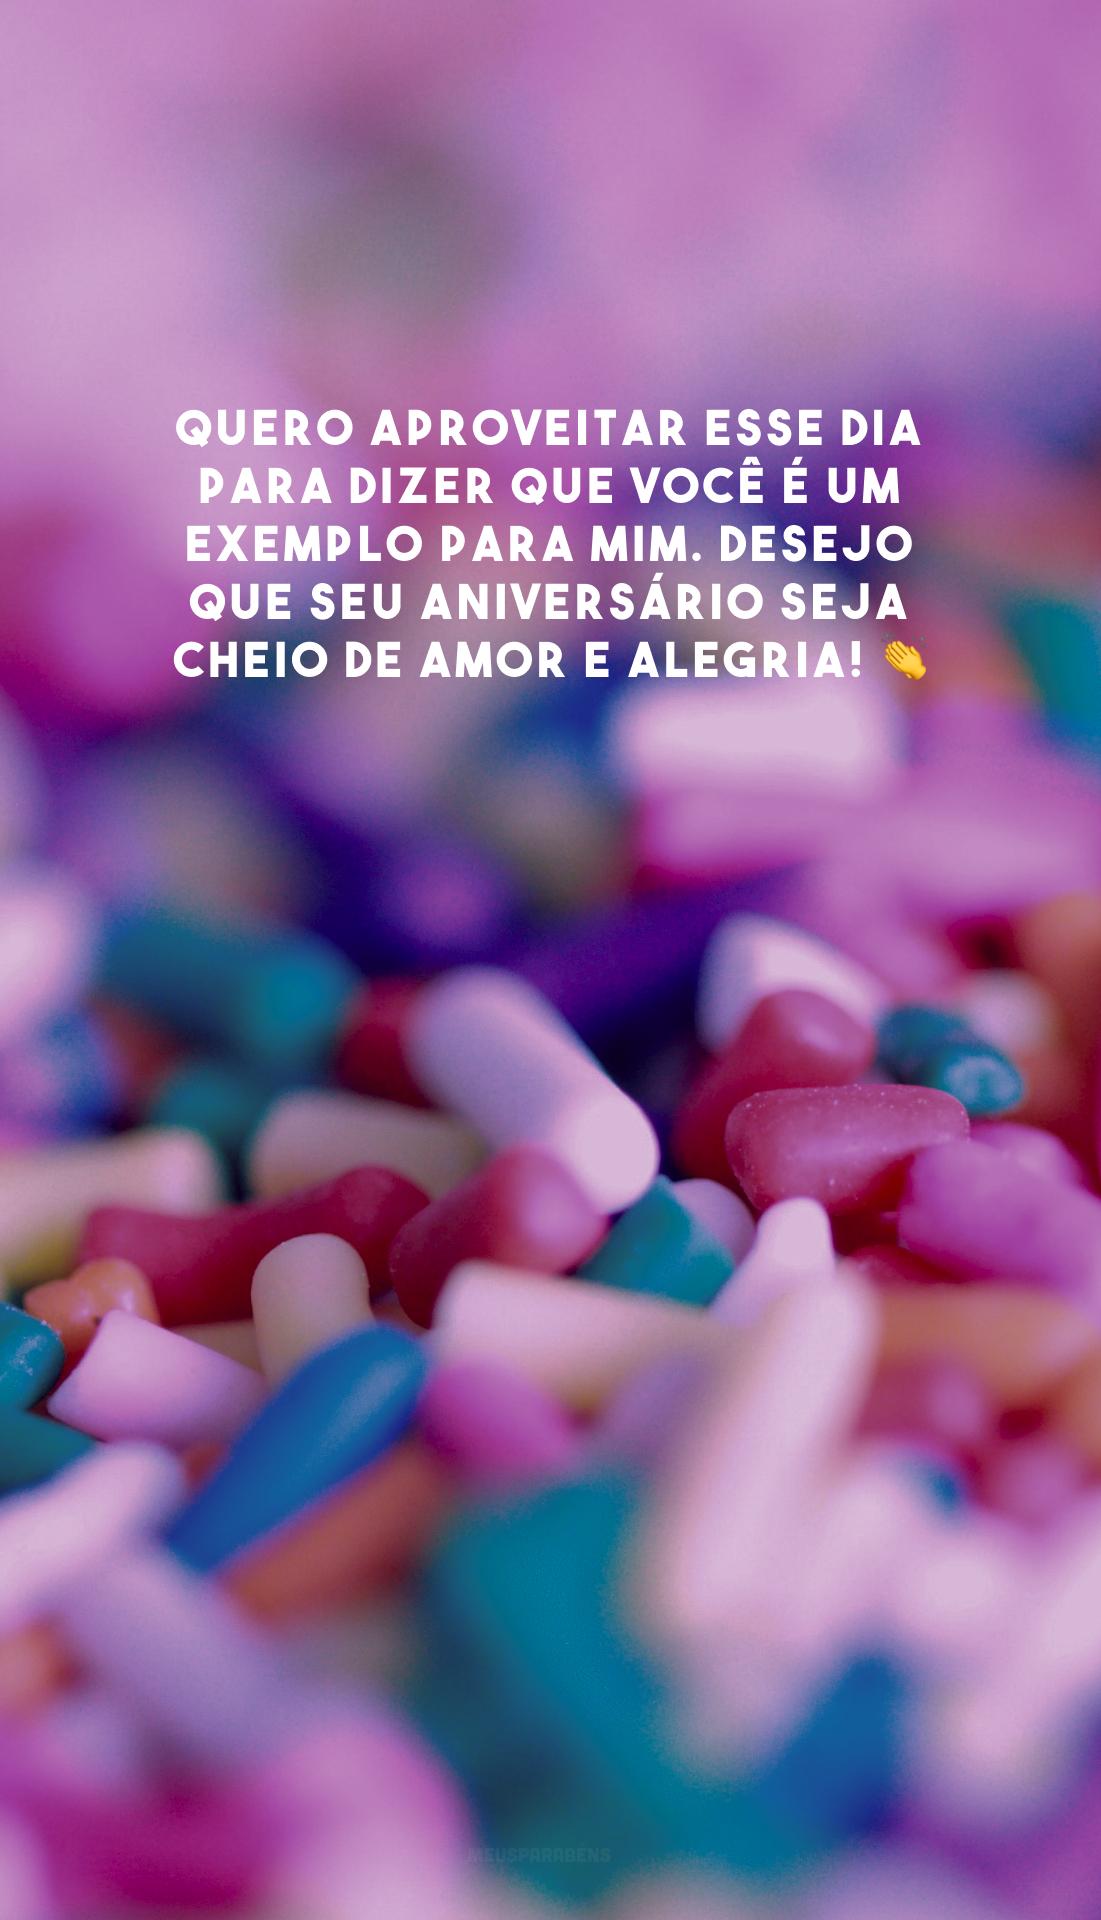 Quero aproveitar esse dia para dizer que você é um exemplo para mim. Desejo que seu aniversário seja cheio de amor e alegria! 👏